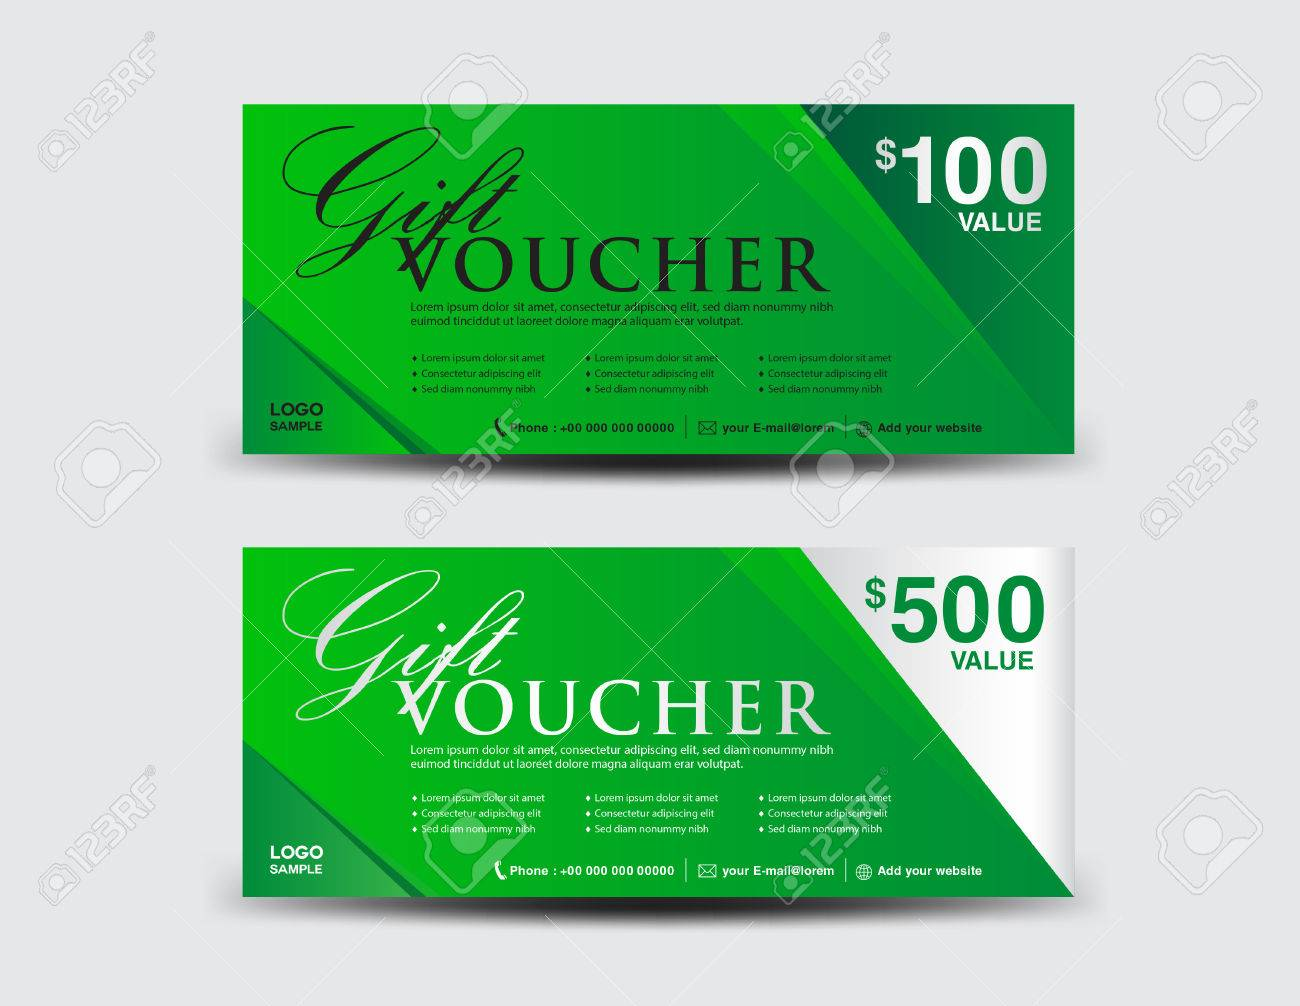 Gutschein Design | Grune Geschenk Gutschein Vorlage Coupon Design Ticket Discount